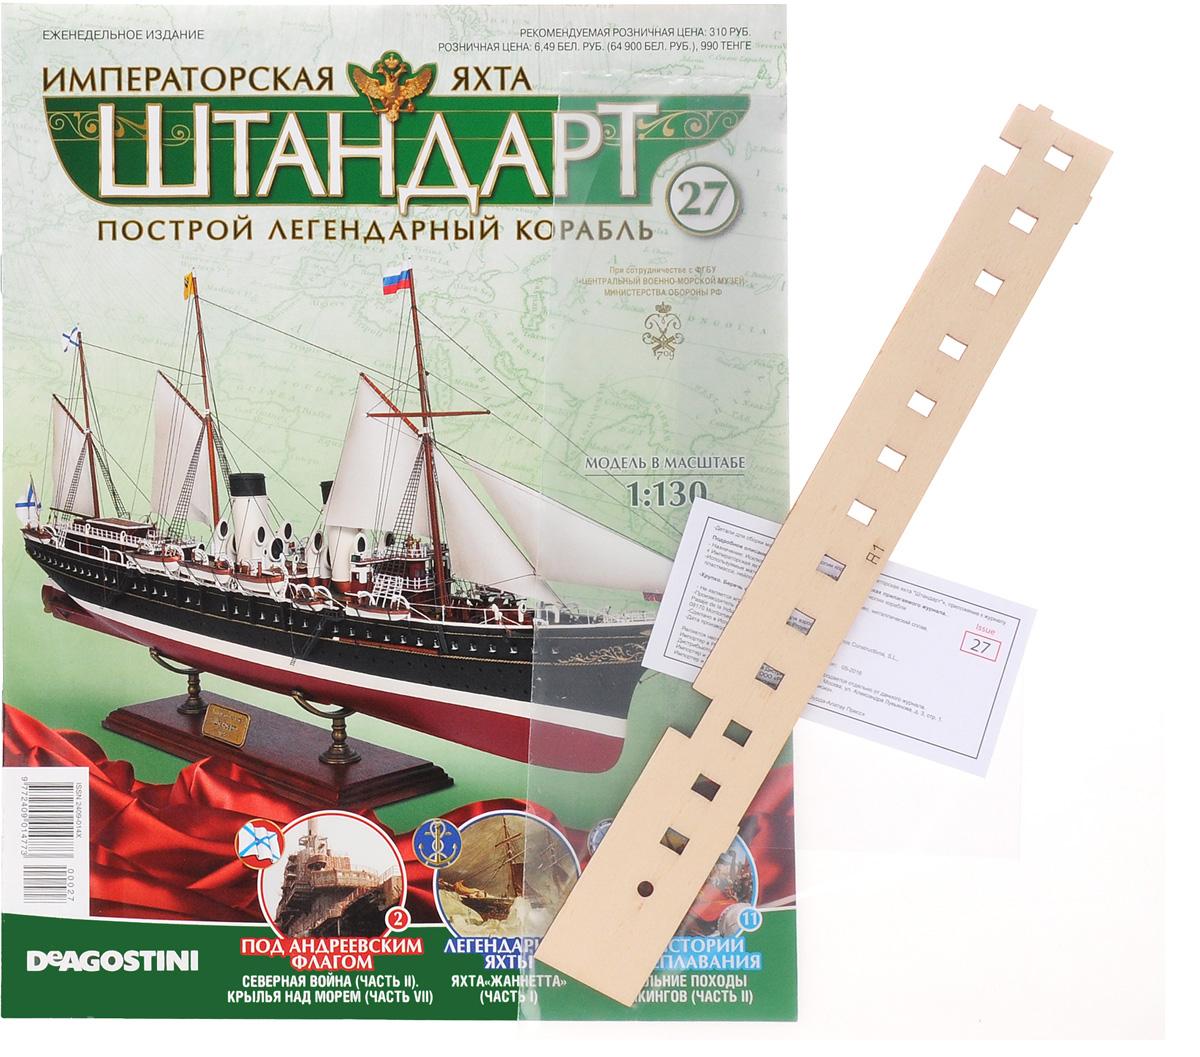 Журнал Императорская яхта Штандарт №27